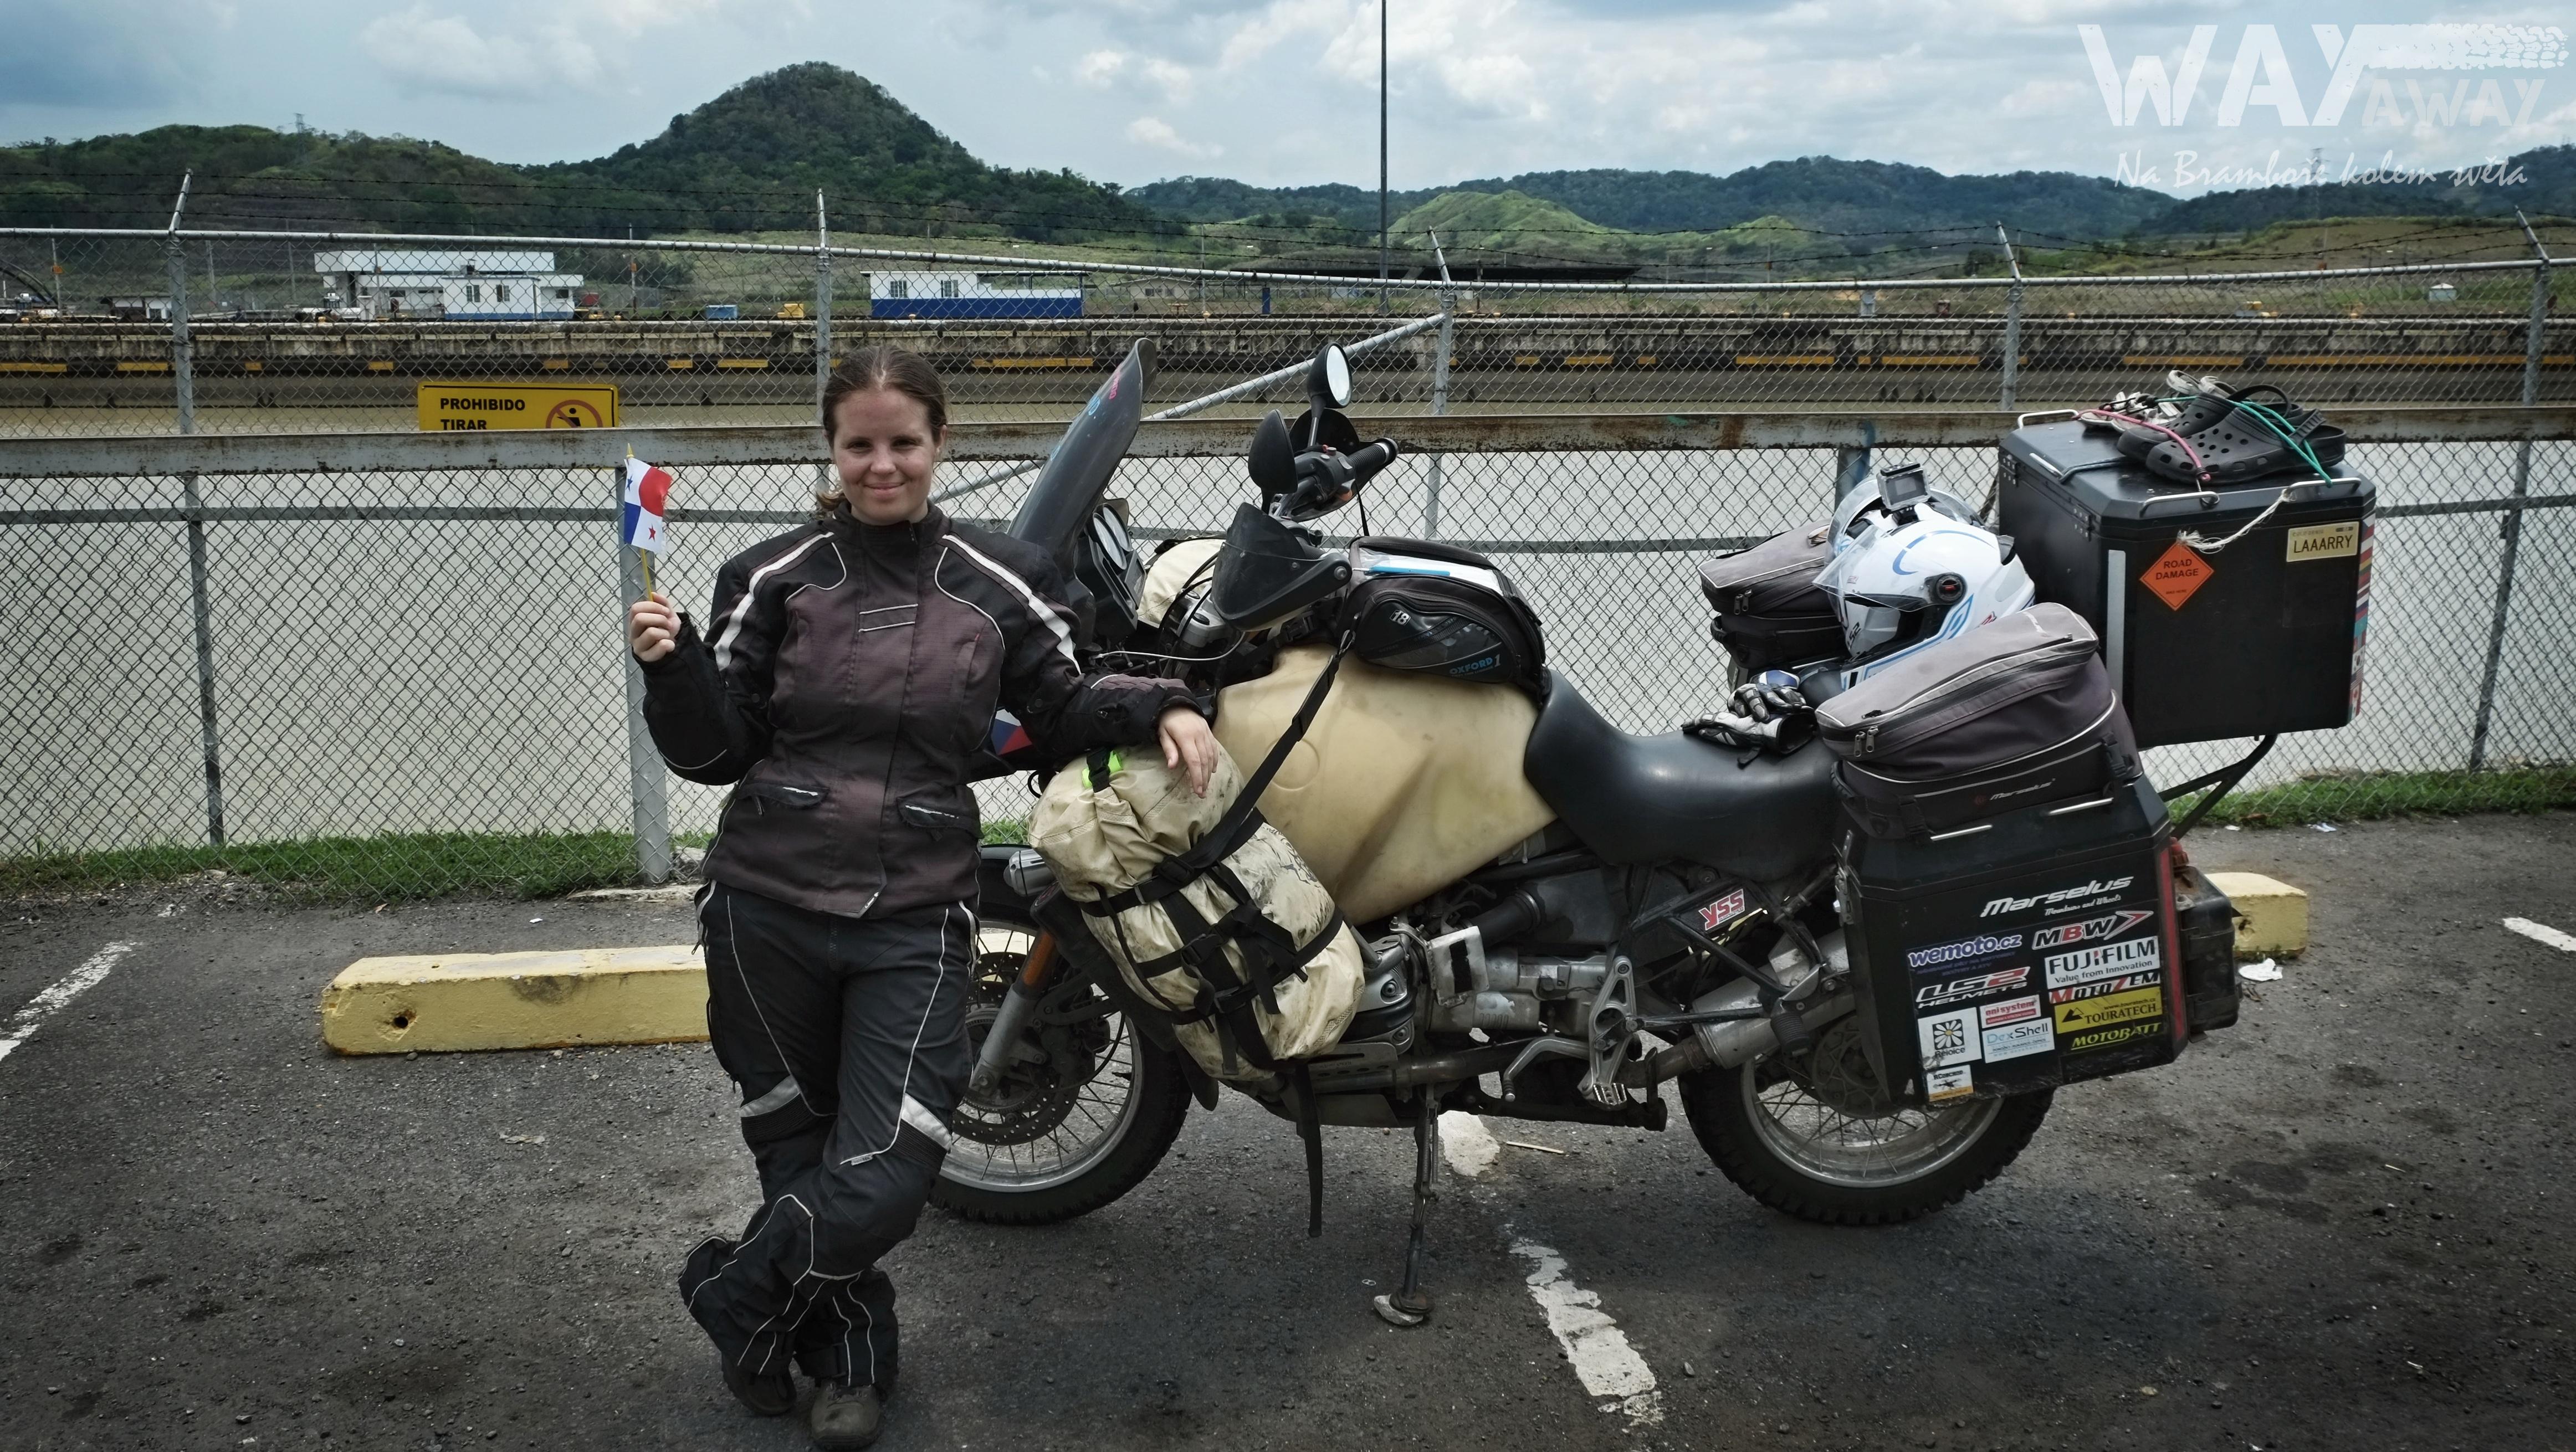 Kačka, Brambora a Panamský průplav